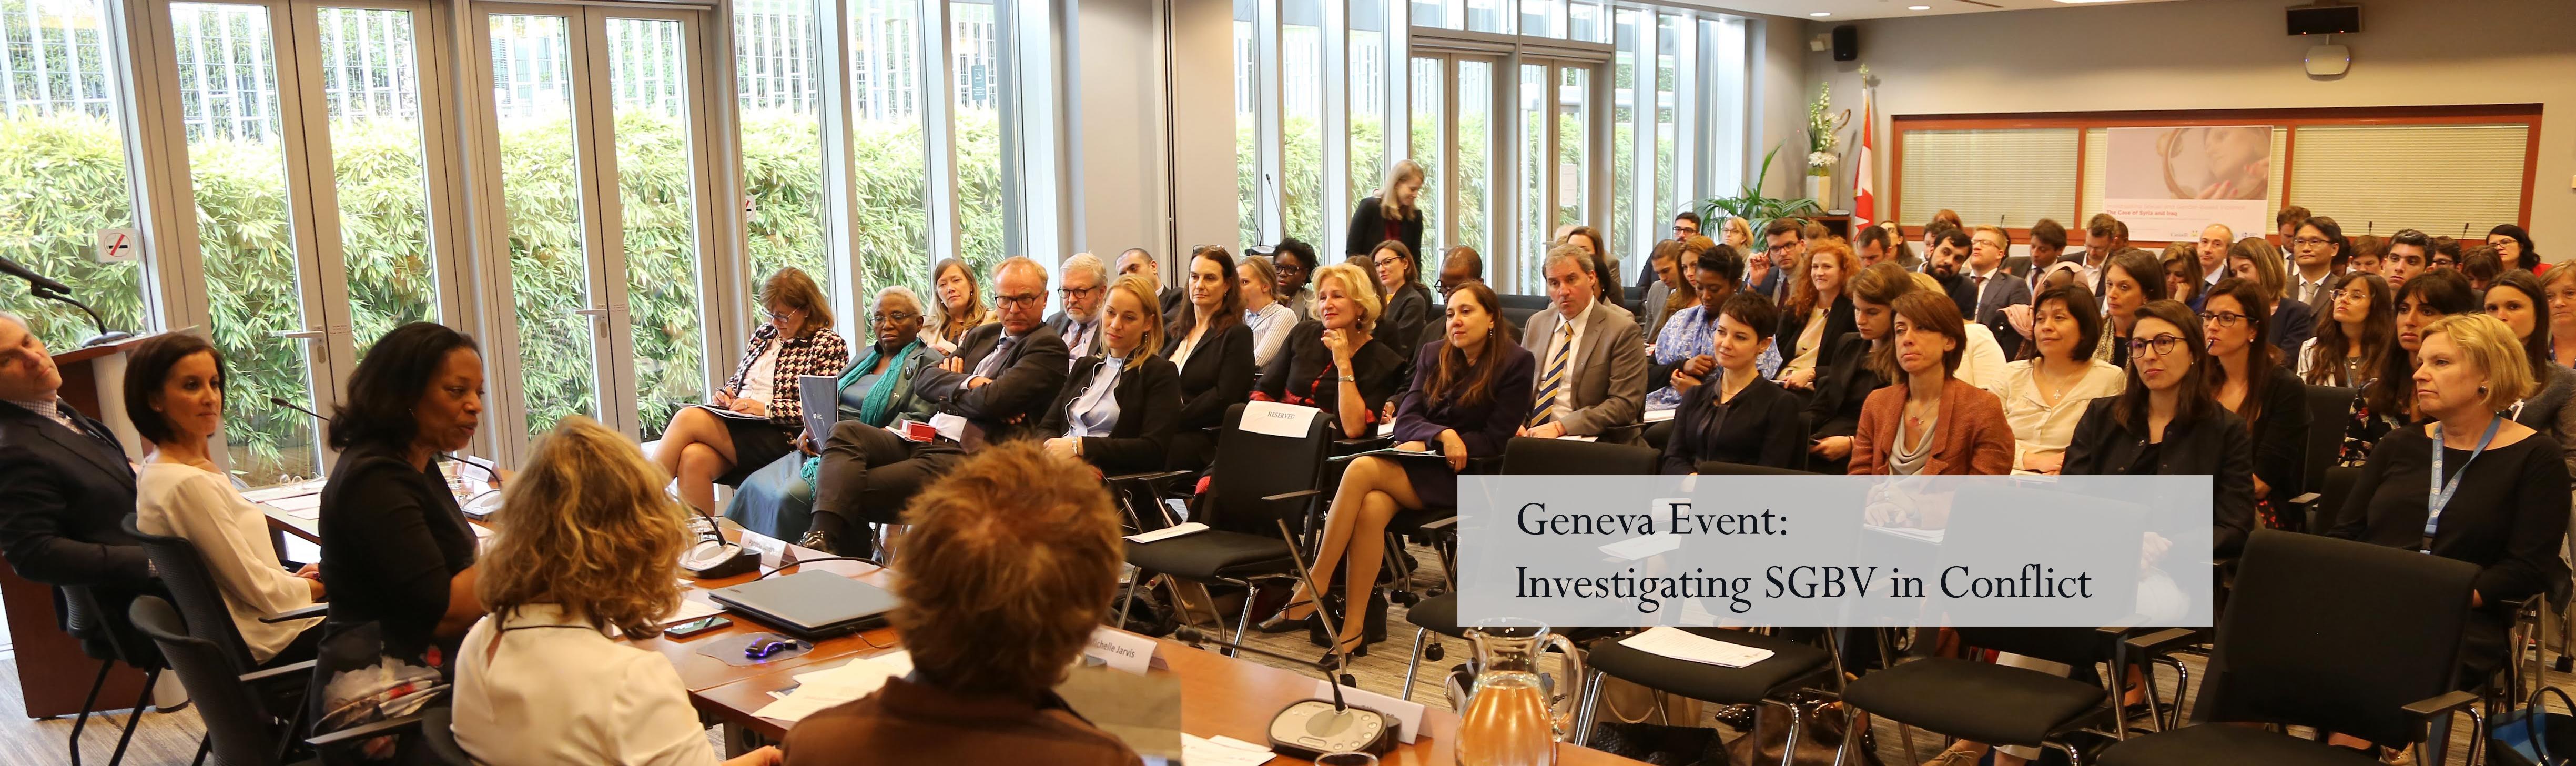 Geneva Event